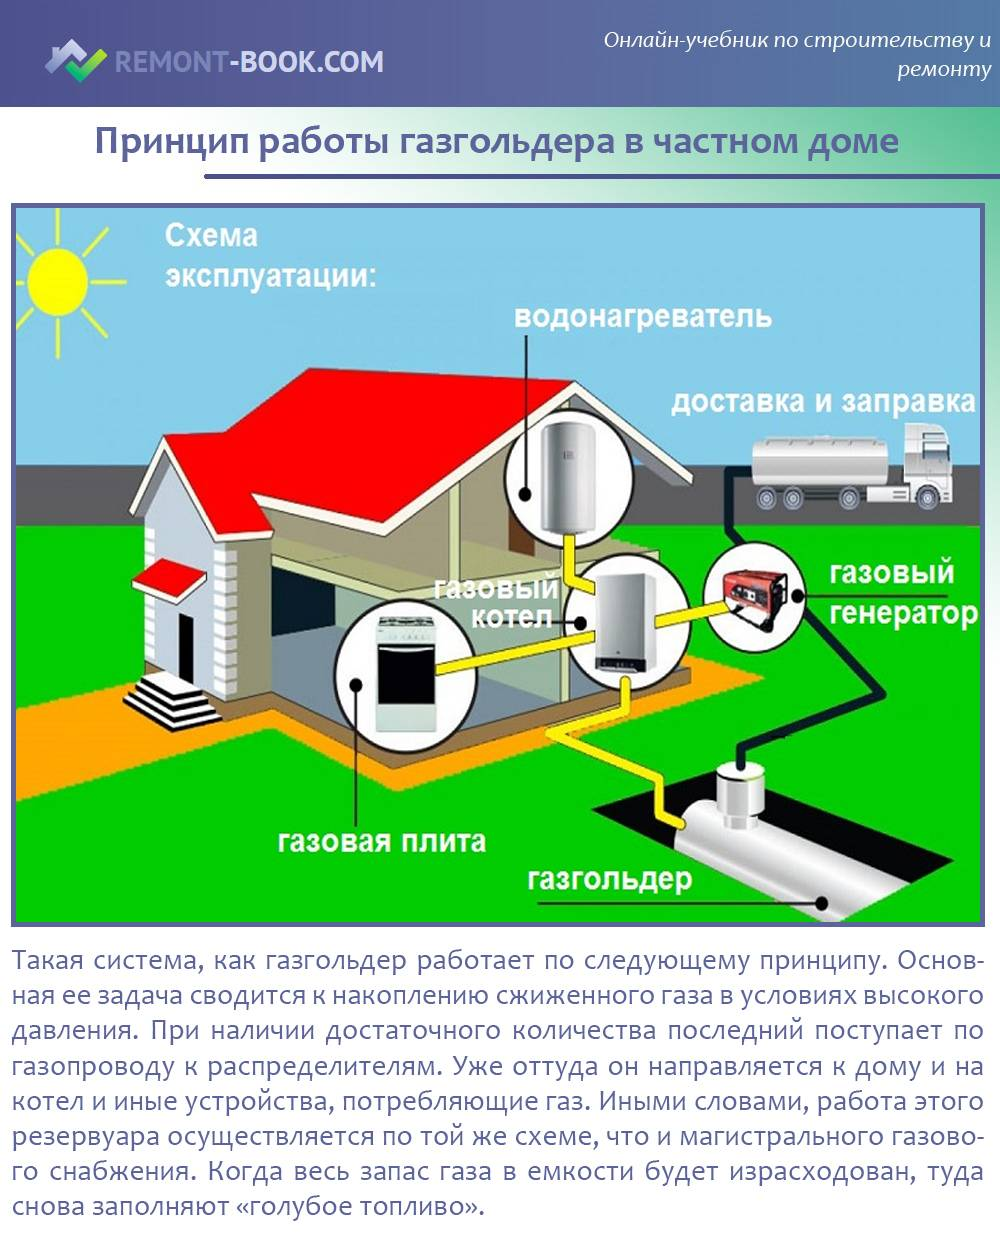 Расход газа из газгольдера на отопление: как рассчитать + советы по минимизации